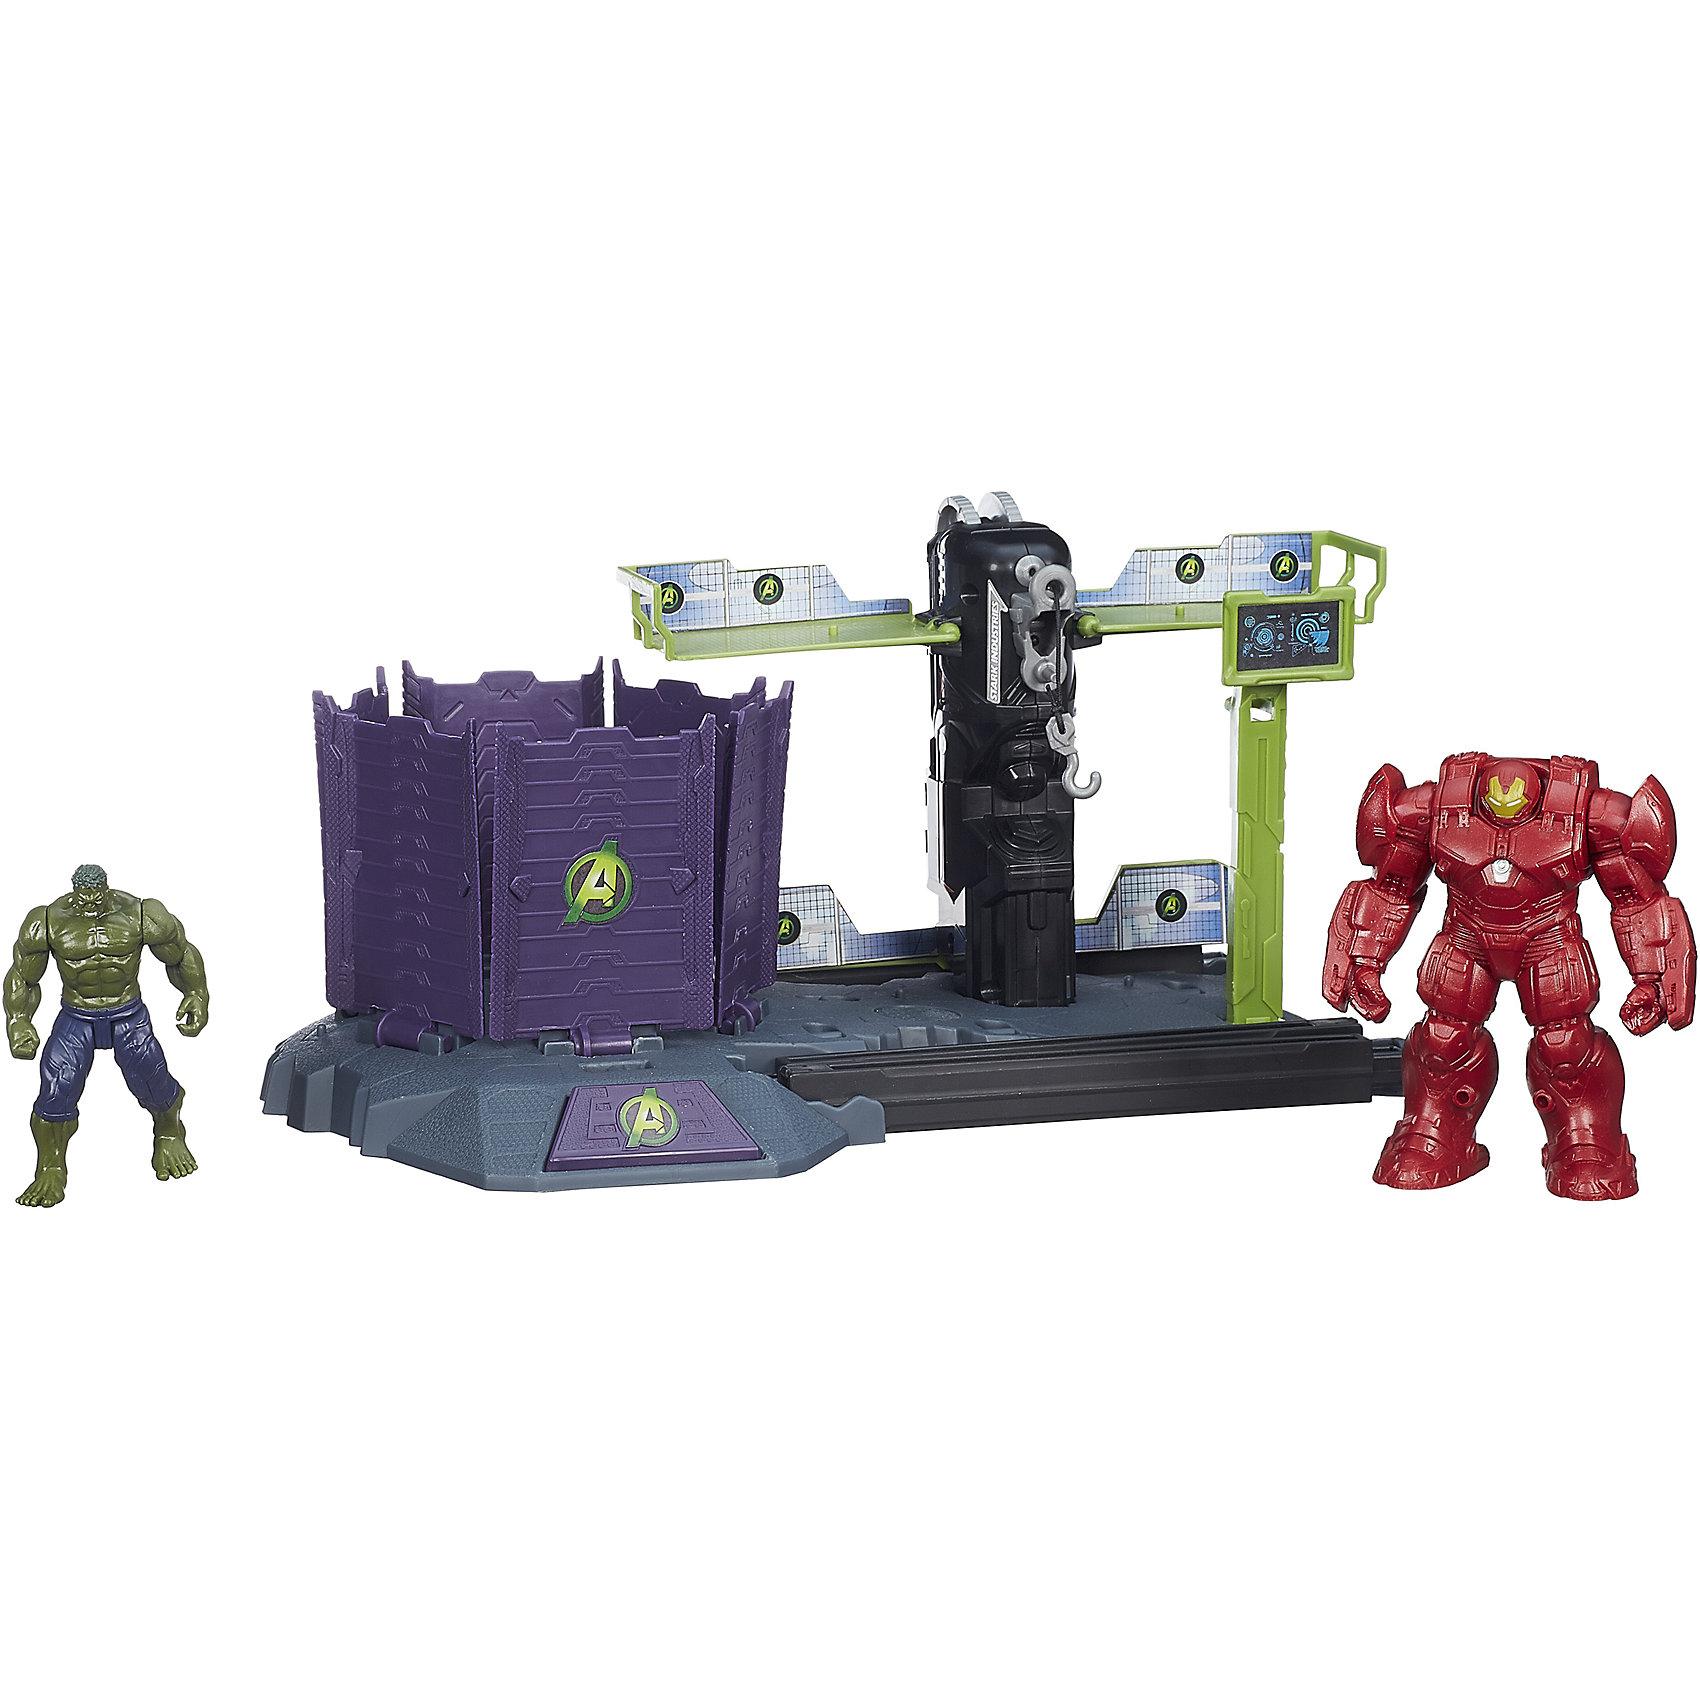 Hasbro Штаб-квартира (башня) Мстителей, Marvel Heroes купить продать квартиру в воронеже